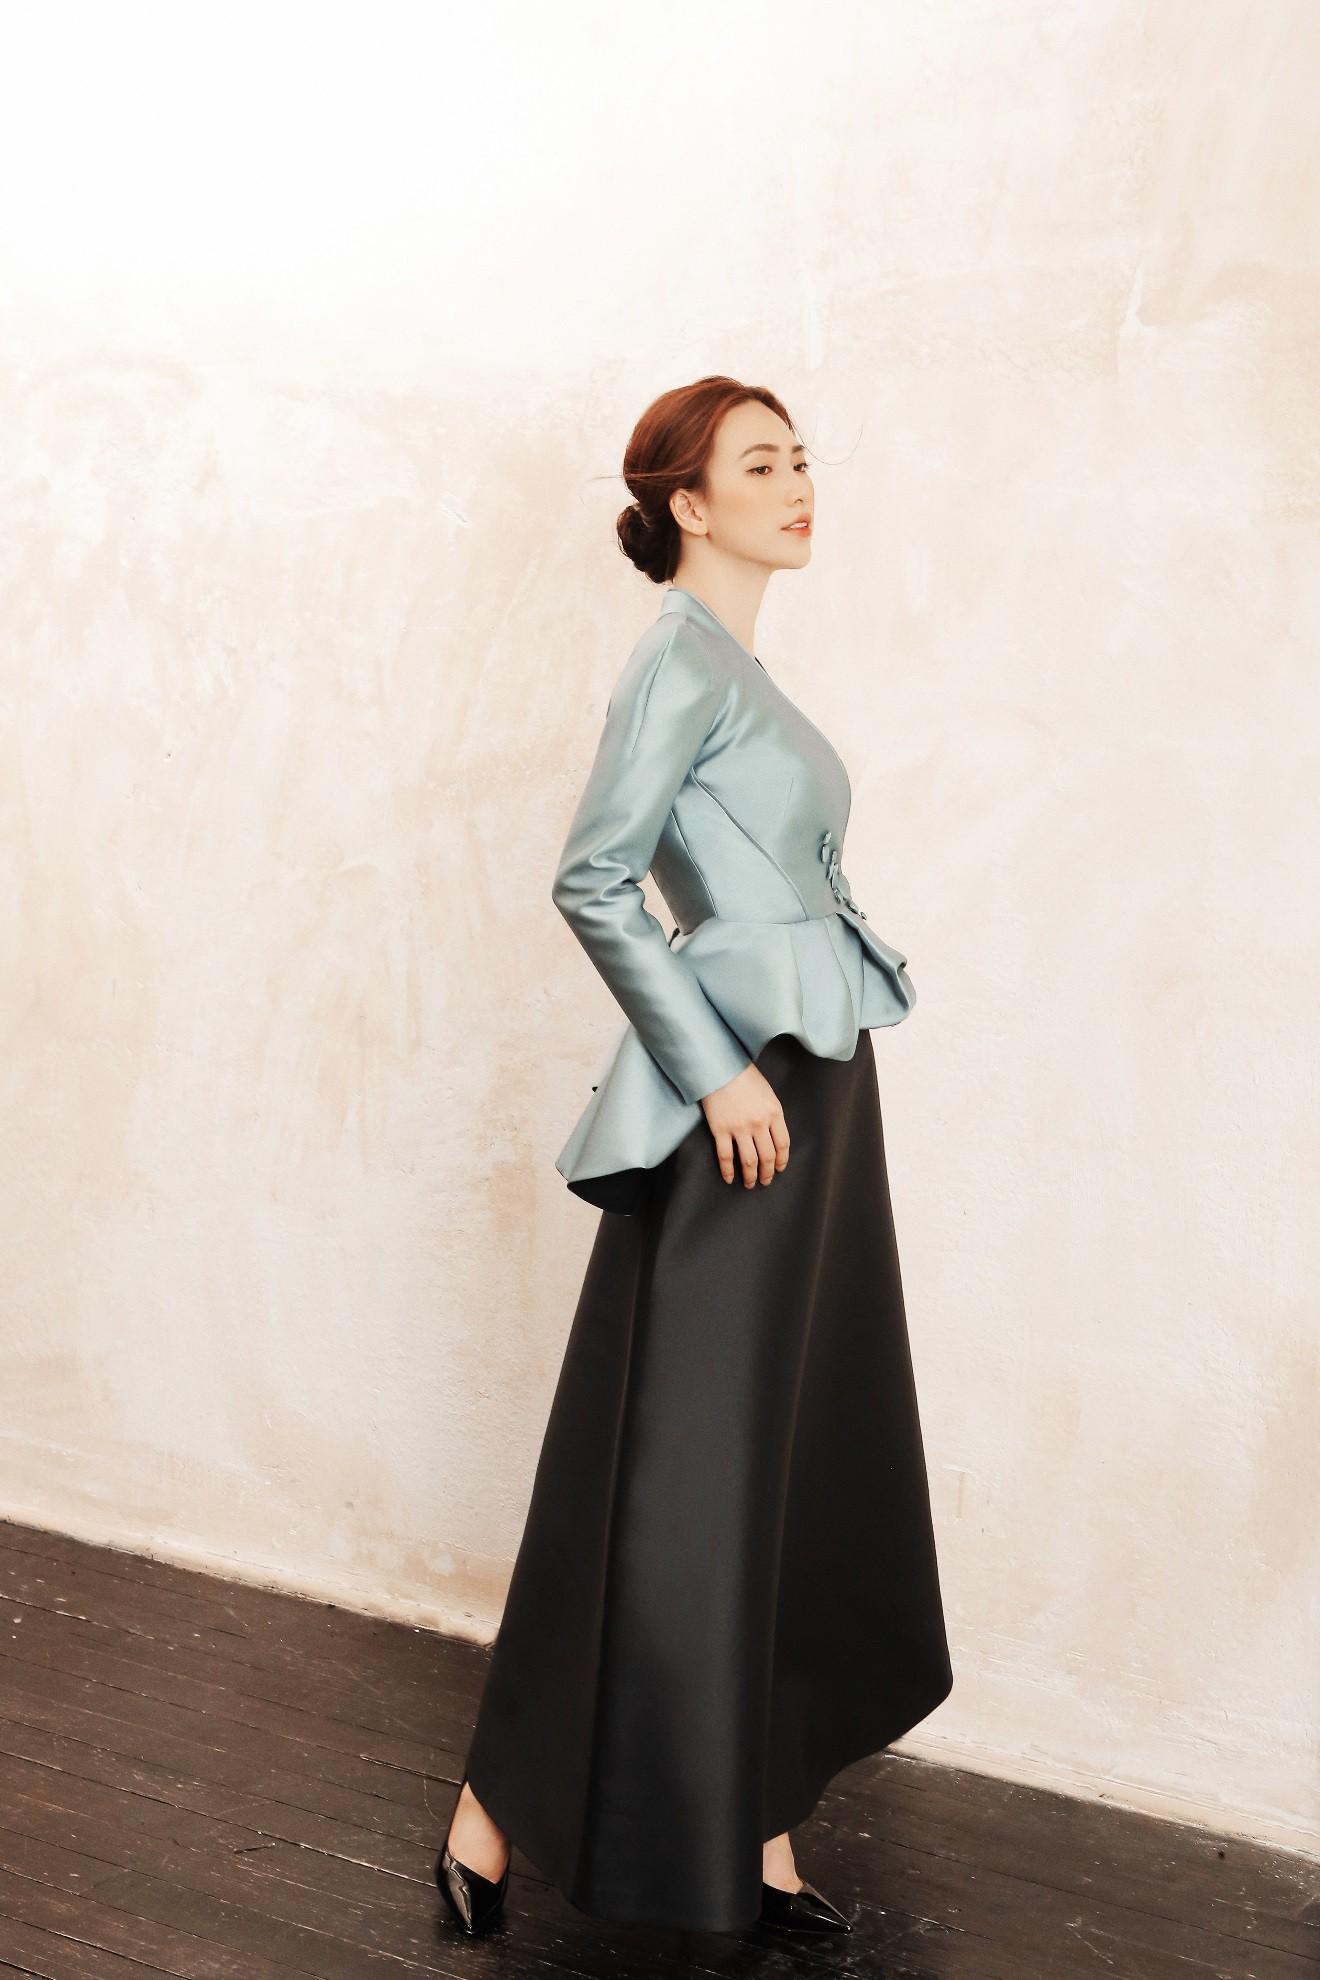 """Sau """"Chàng vợ của em"""", Phương Anh Đào đầy xinh đẹp, cuốn hút trong BST từng xuất hiện trên Vogue của PHUONG MY - Ảnh 8."""